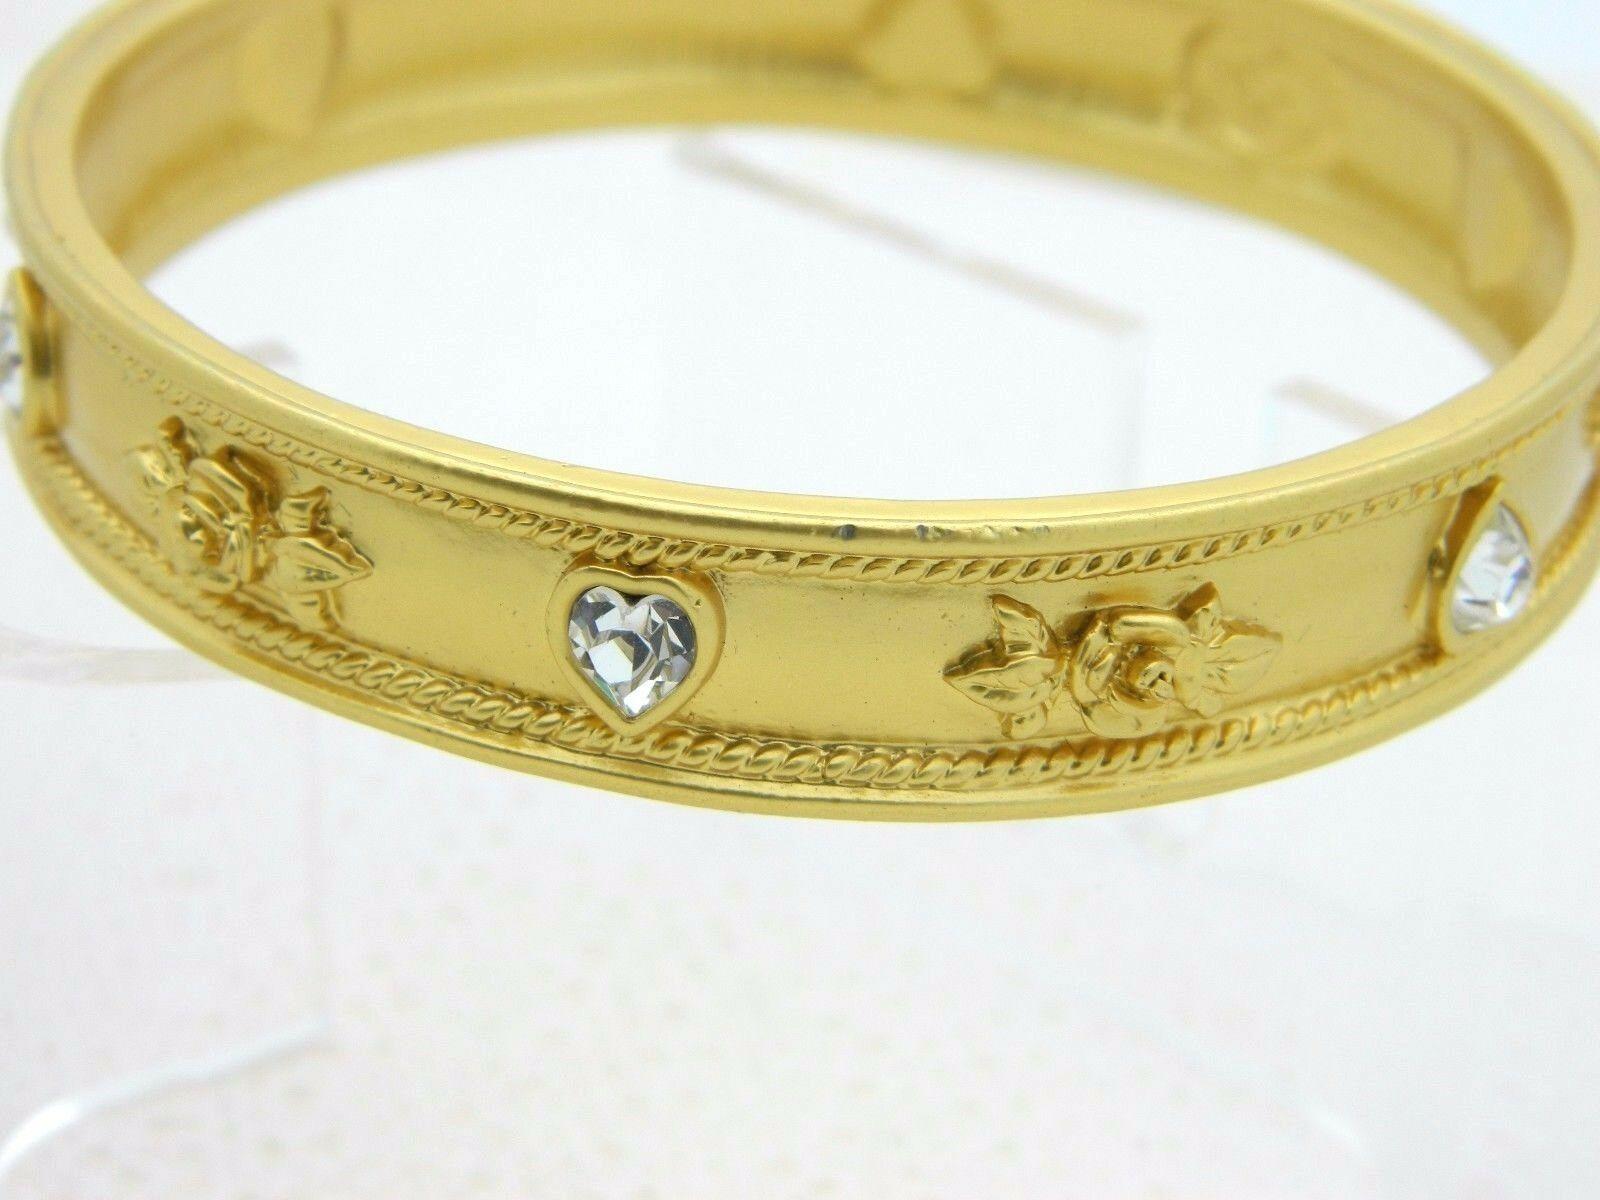 Elizabeth Taylor Avon LOVE BLOOMS Roses & Hearts 22K GP Vintage Bangle Bracelet image 3